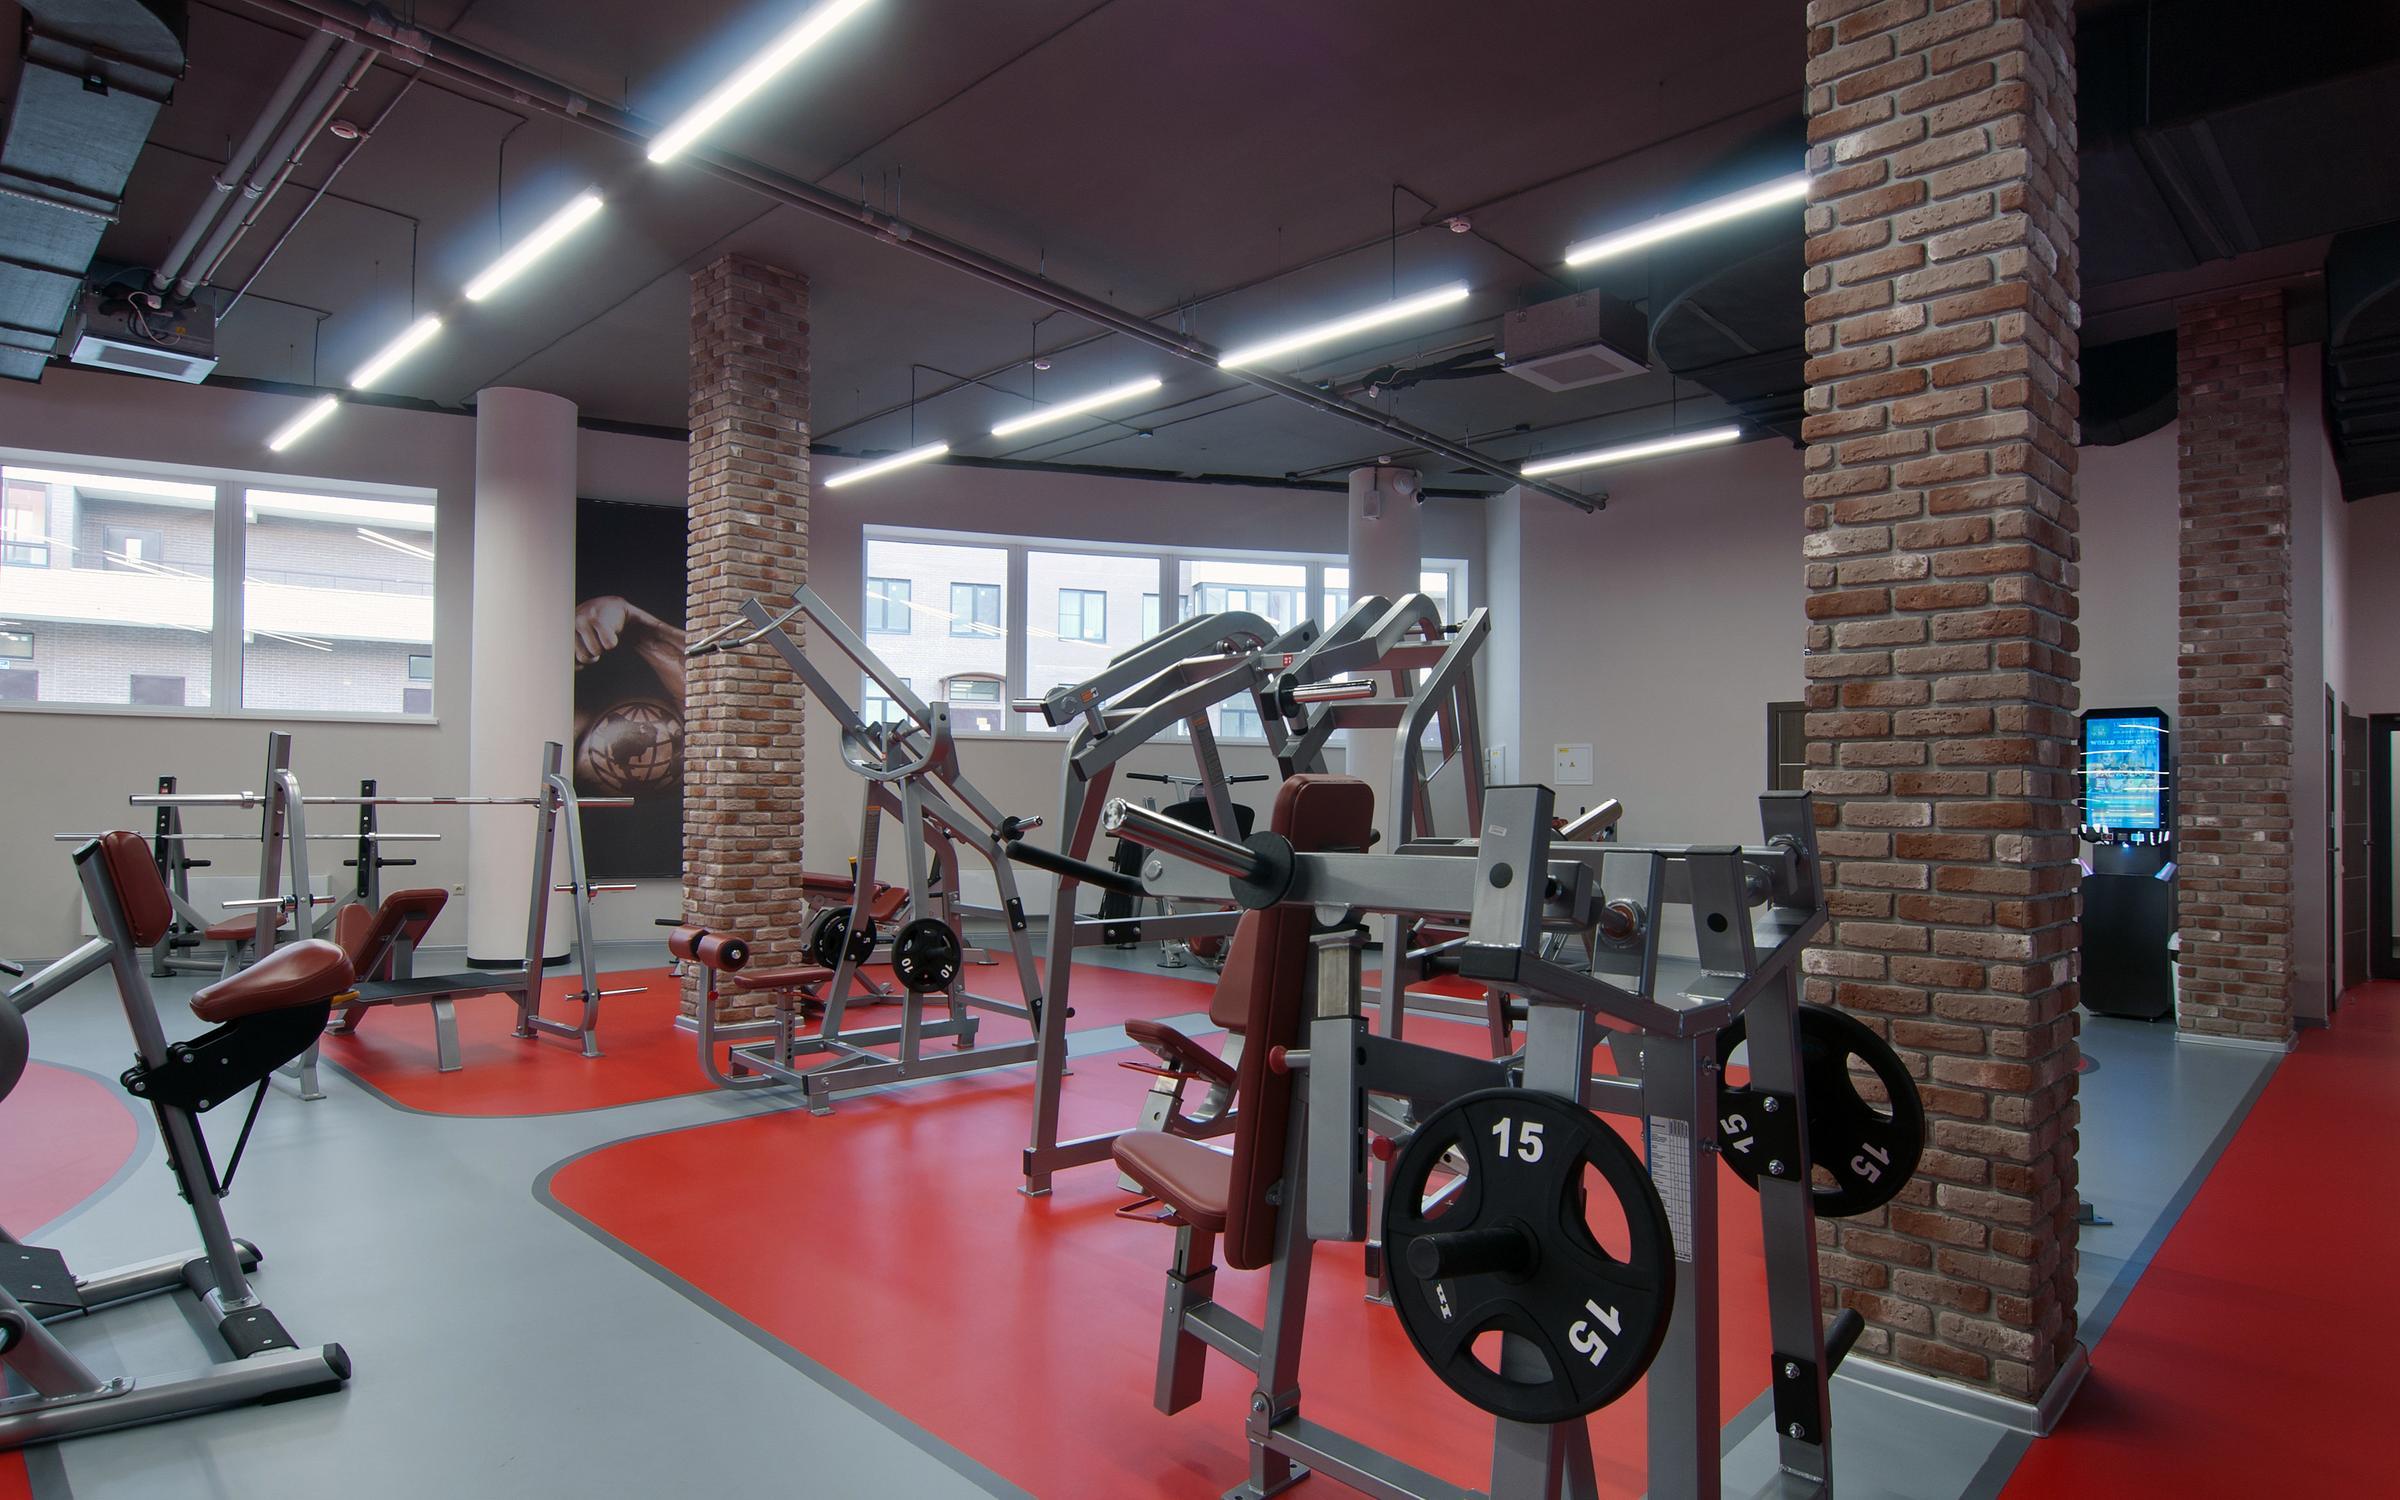 фотография Фитнес-клуба World Gym на Парковой улице в Красногорске